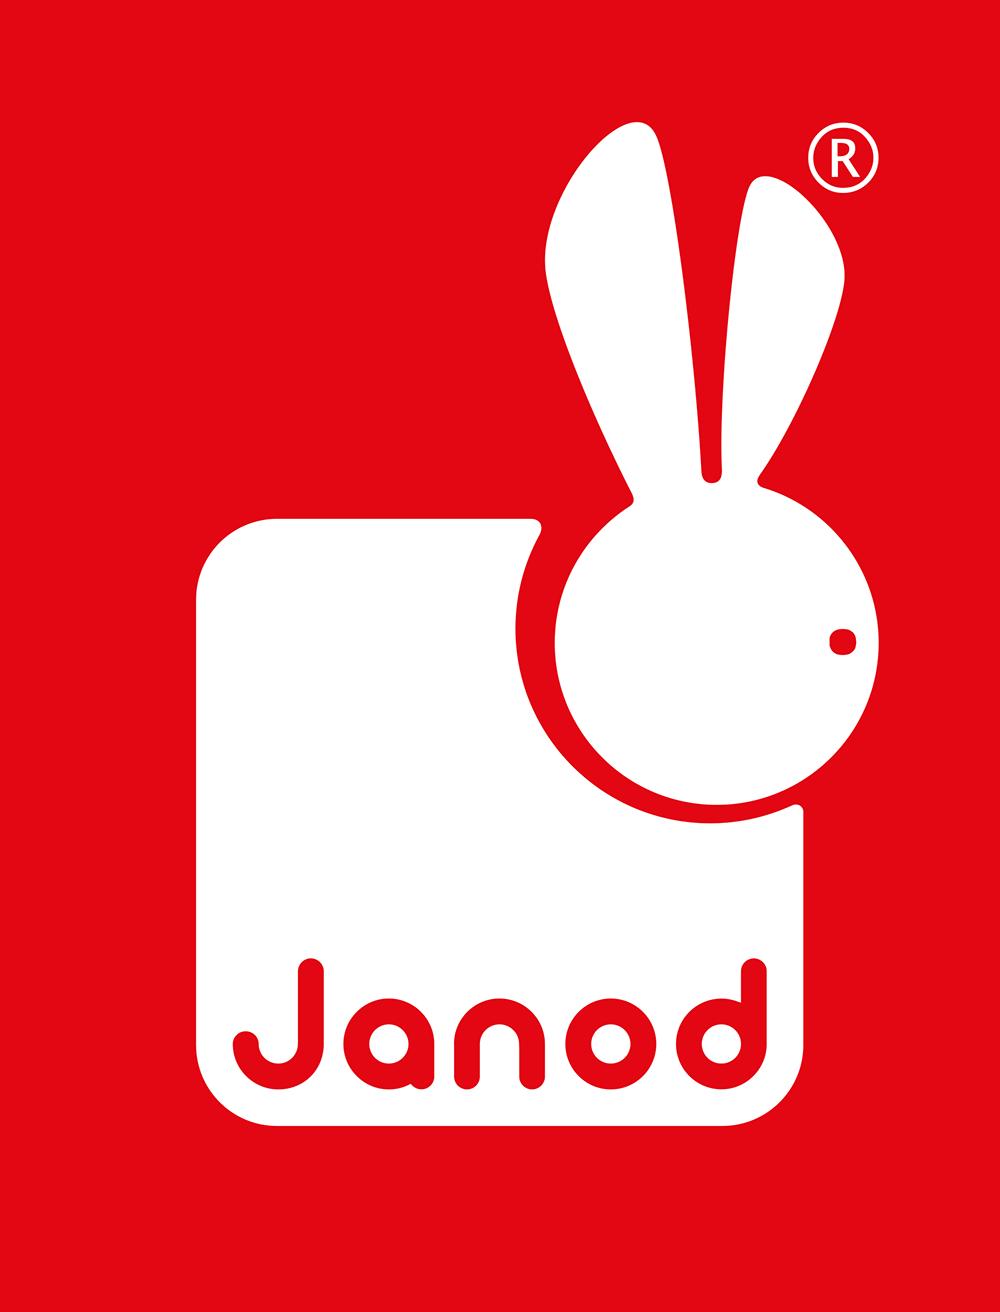 Lesene igrače Janod | Medvedkiigrace.si